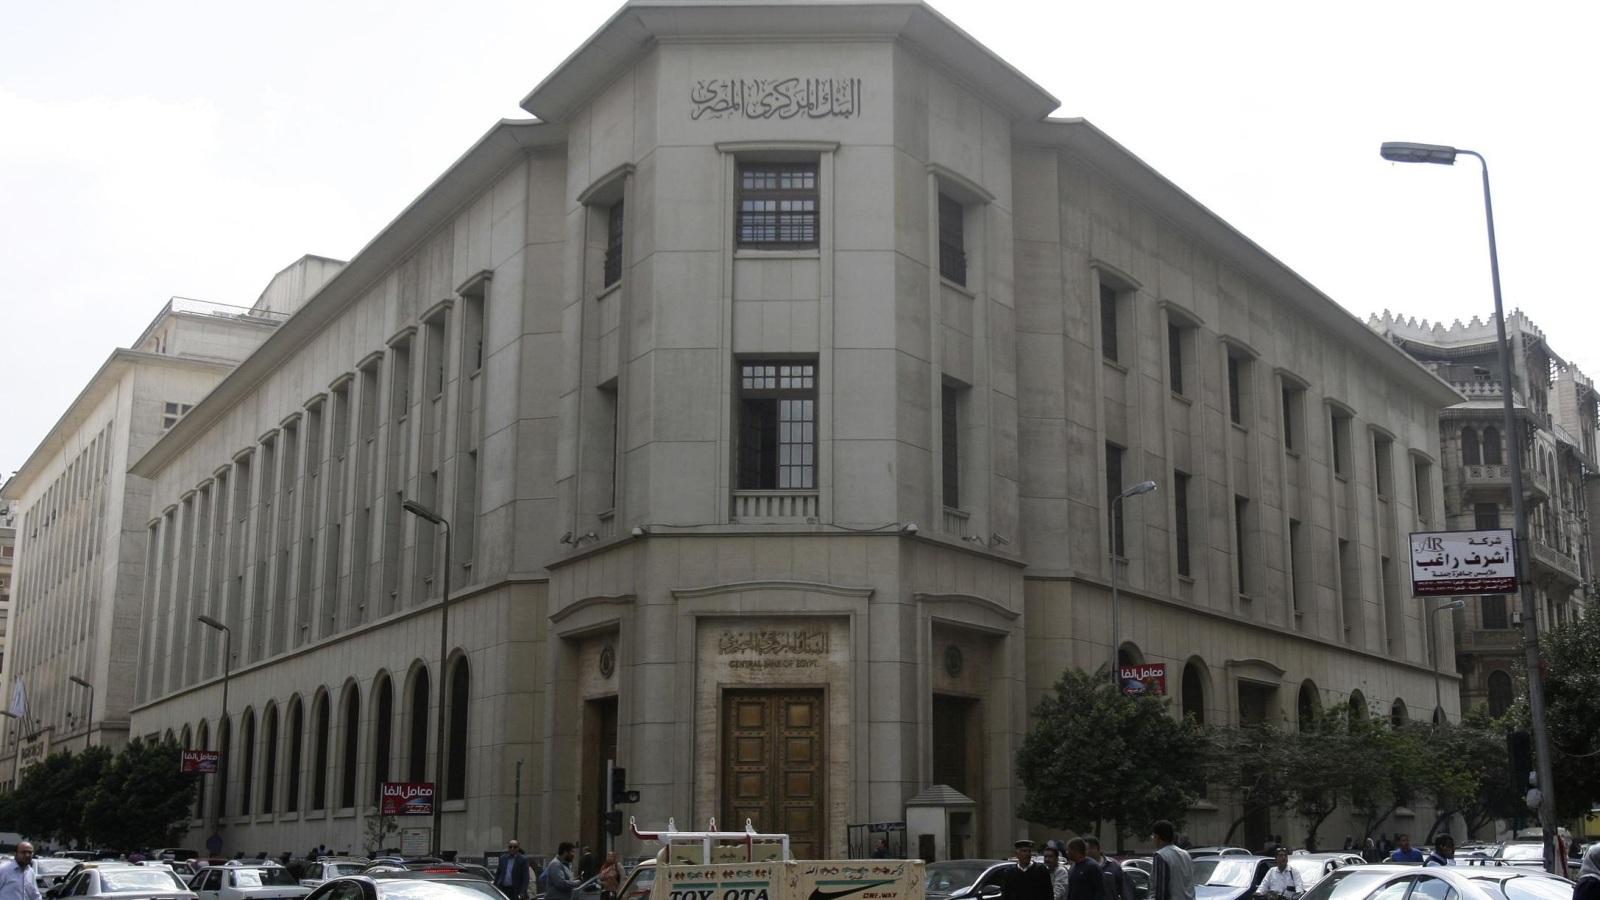 إجازات البنوك في عيد الفطر 2019.. 6 أيام عطلة رسمية